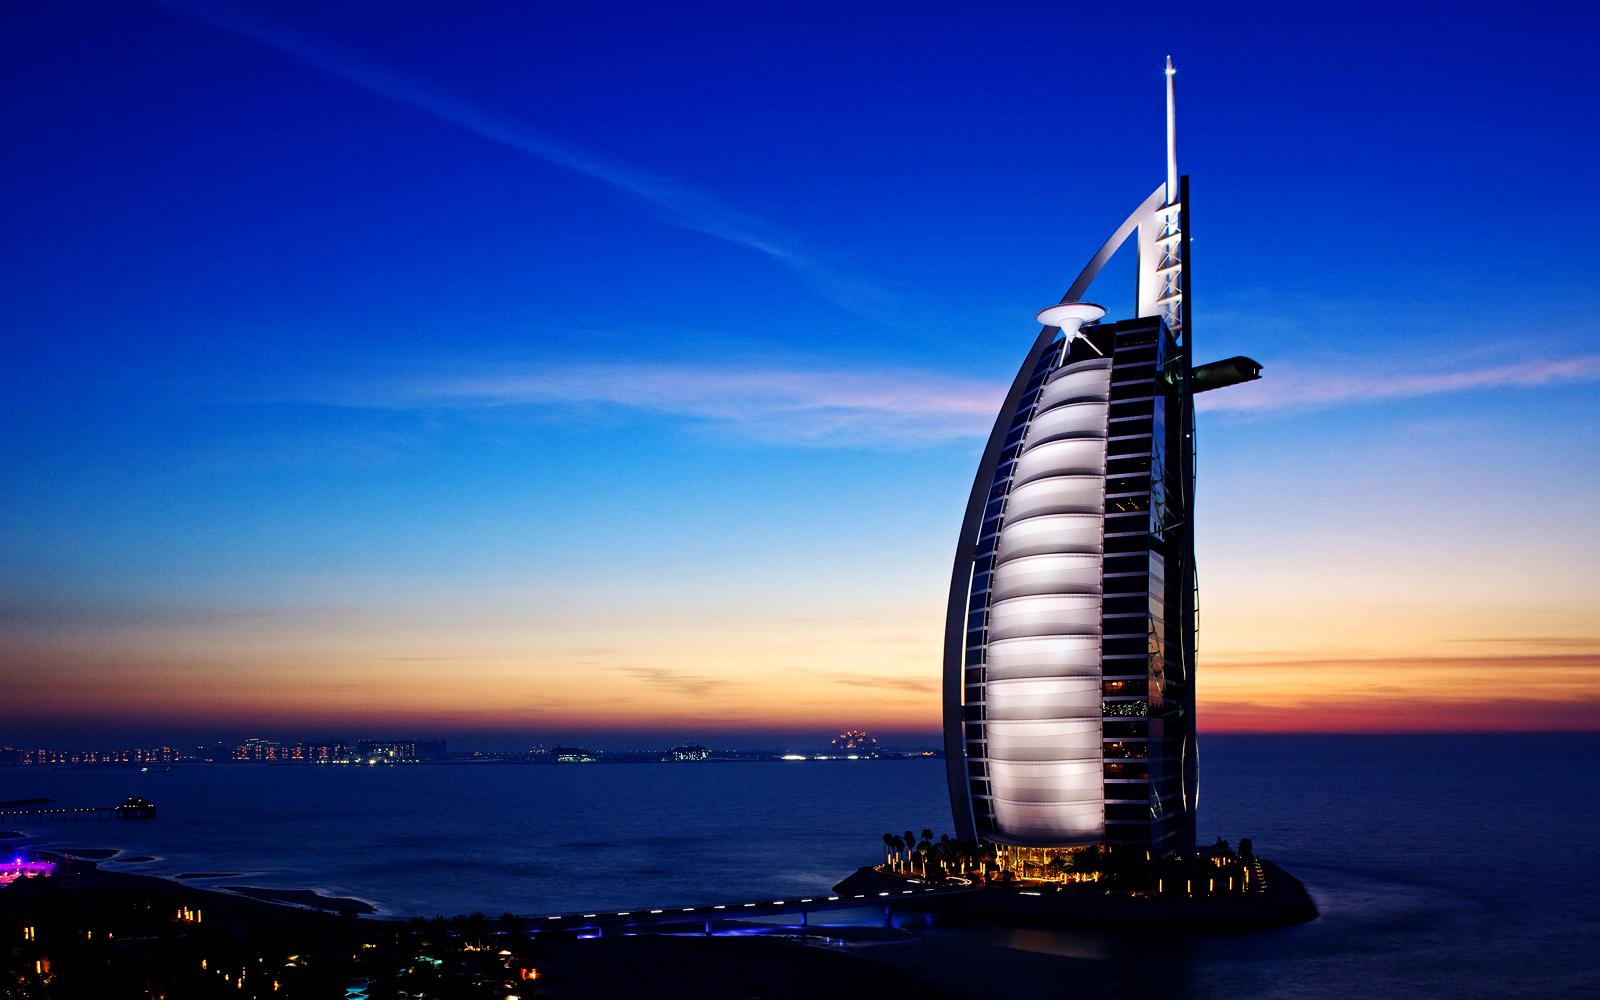 http://1.bp.blogspot.com/-DYPoSkq_i9w/Ty-iBTCrmwI/AAAAAAAAAh8/RwVrDJ9LEZU/s1600/Burj_Al_Arab_Sunset_HD_Wallpaper-Vvallpaper.Net.jpg